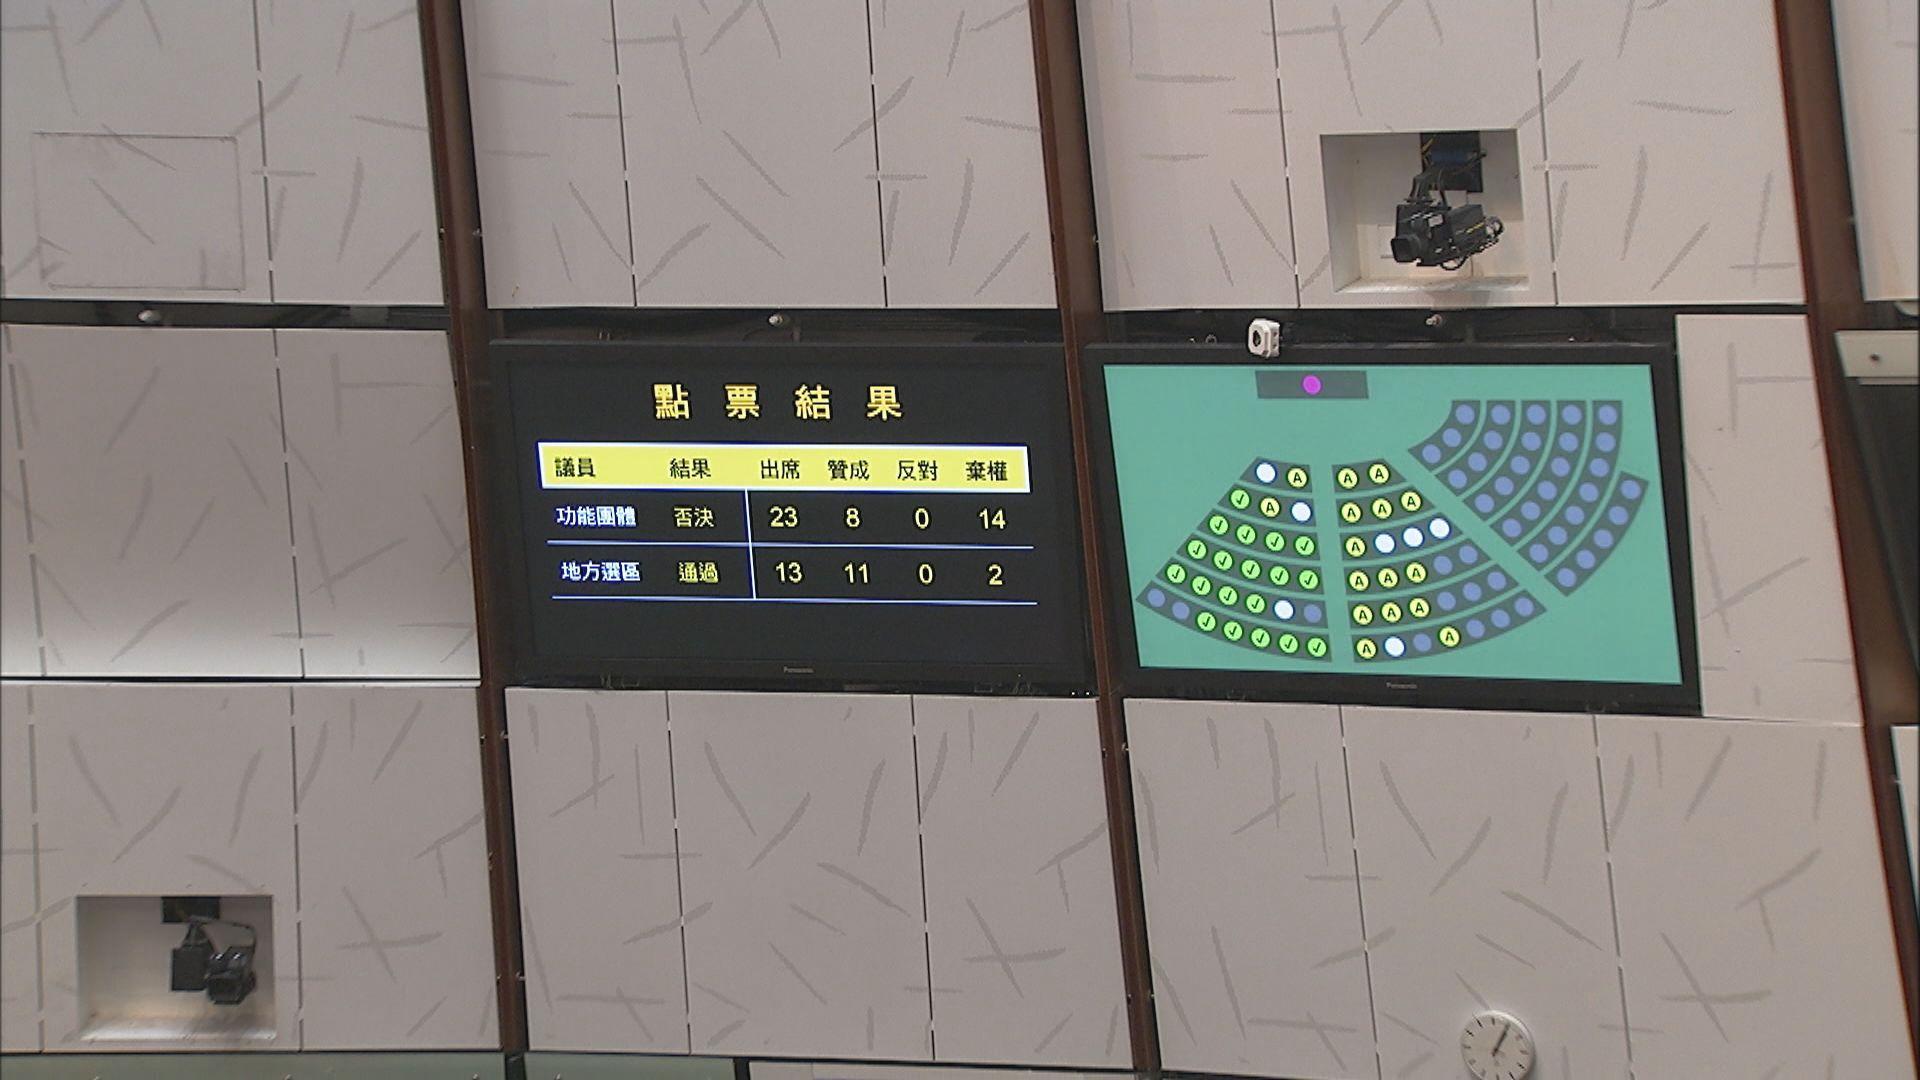 蔣麗芸提出設立新生代基金議案被否決